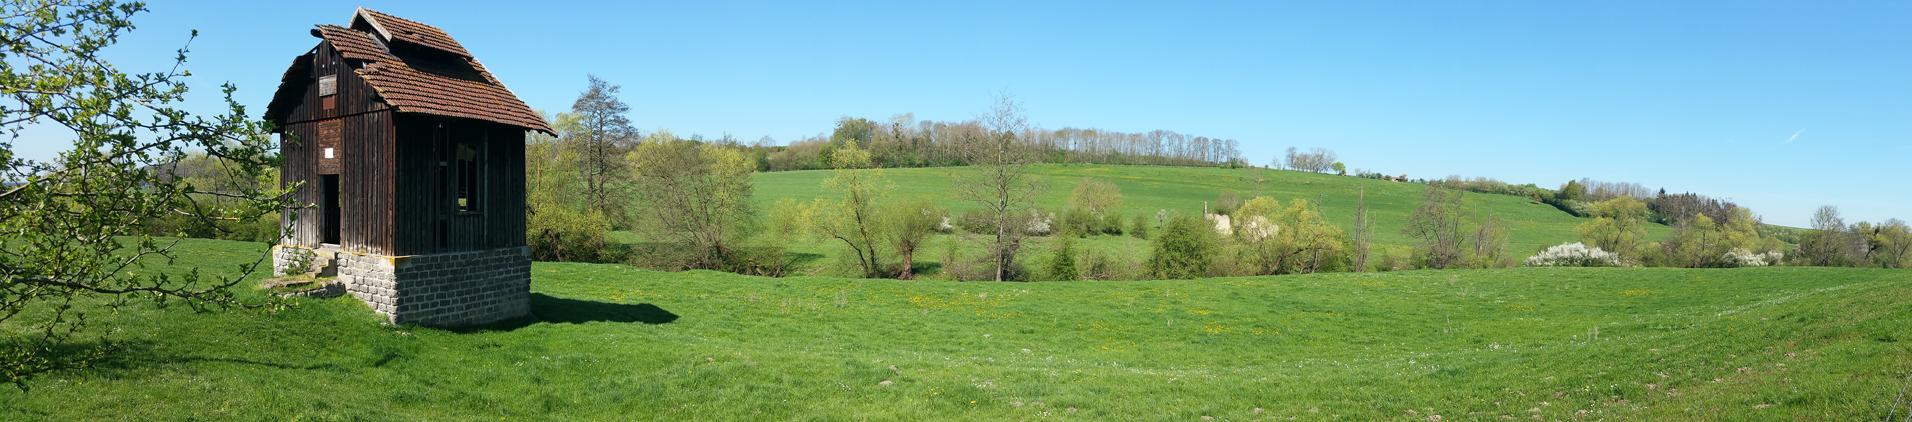 Le chevalement de Lenoncourt, petite cabane de bois à double toiture, dans un grand paysage verdoyant avec colline